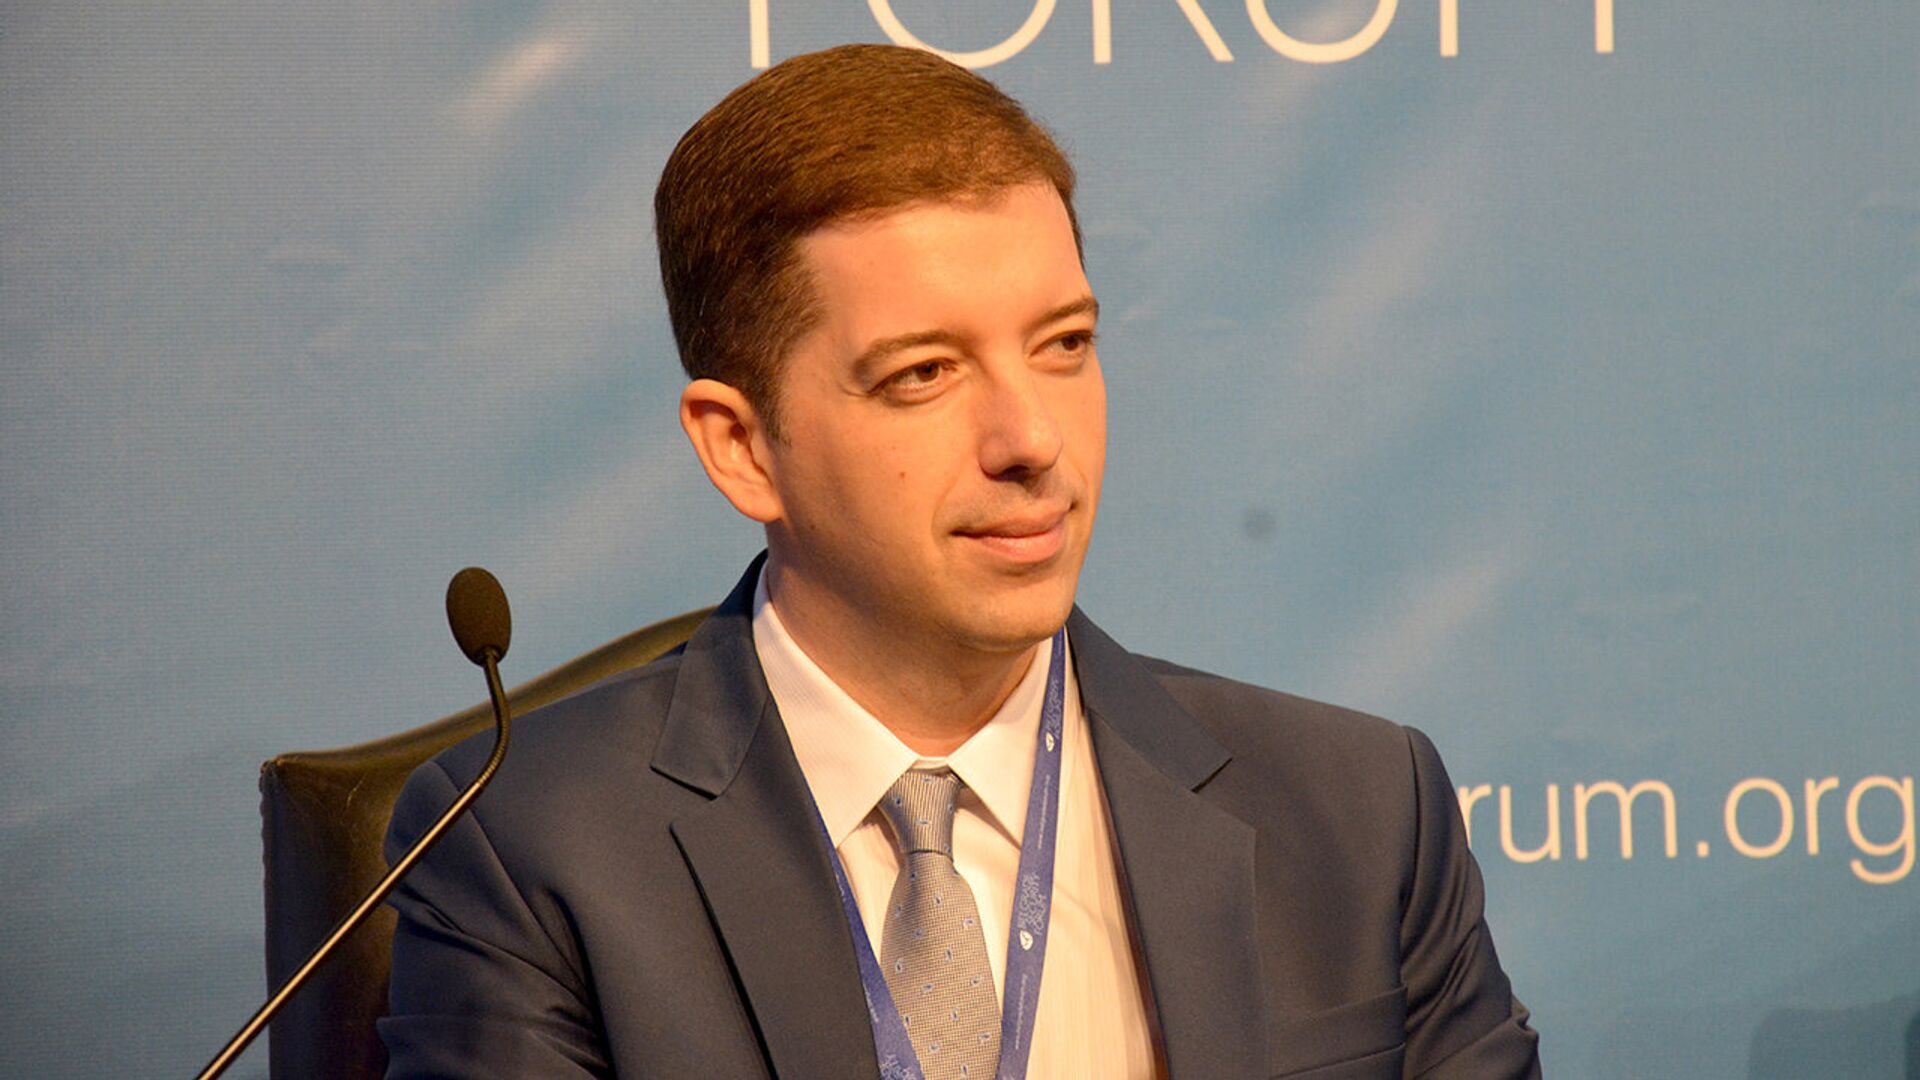 Директор Канцелярии по Косово и Метохии в правительстве Сербии Марко Джурич - РИА Новости, 1920, 06.09.2020